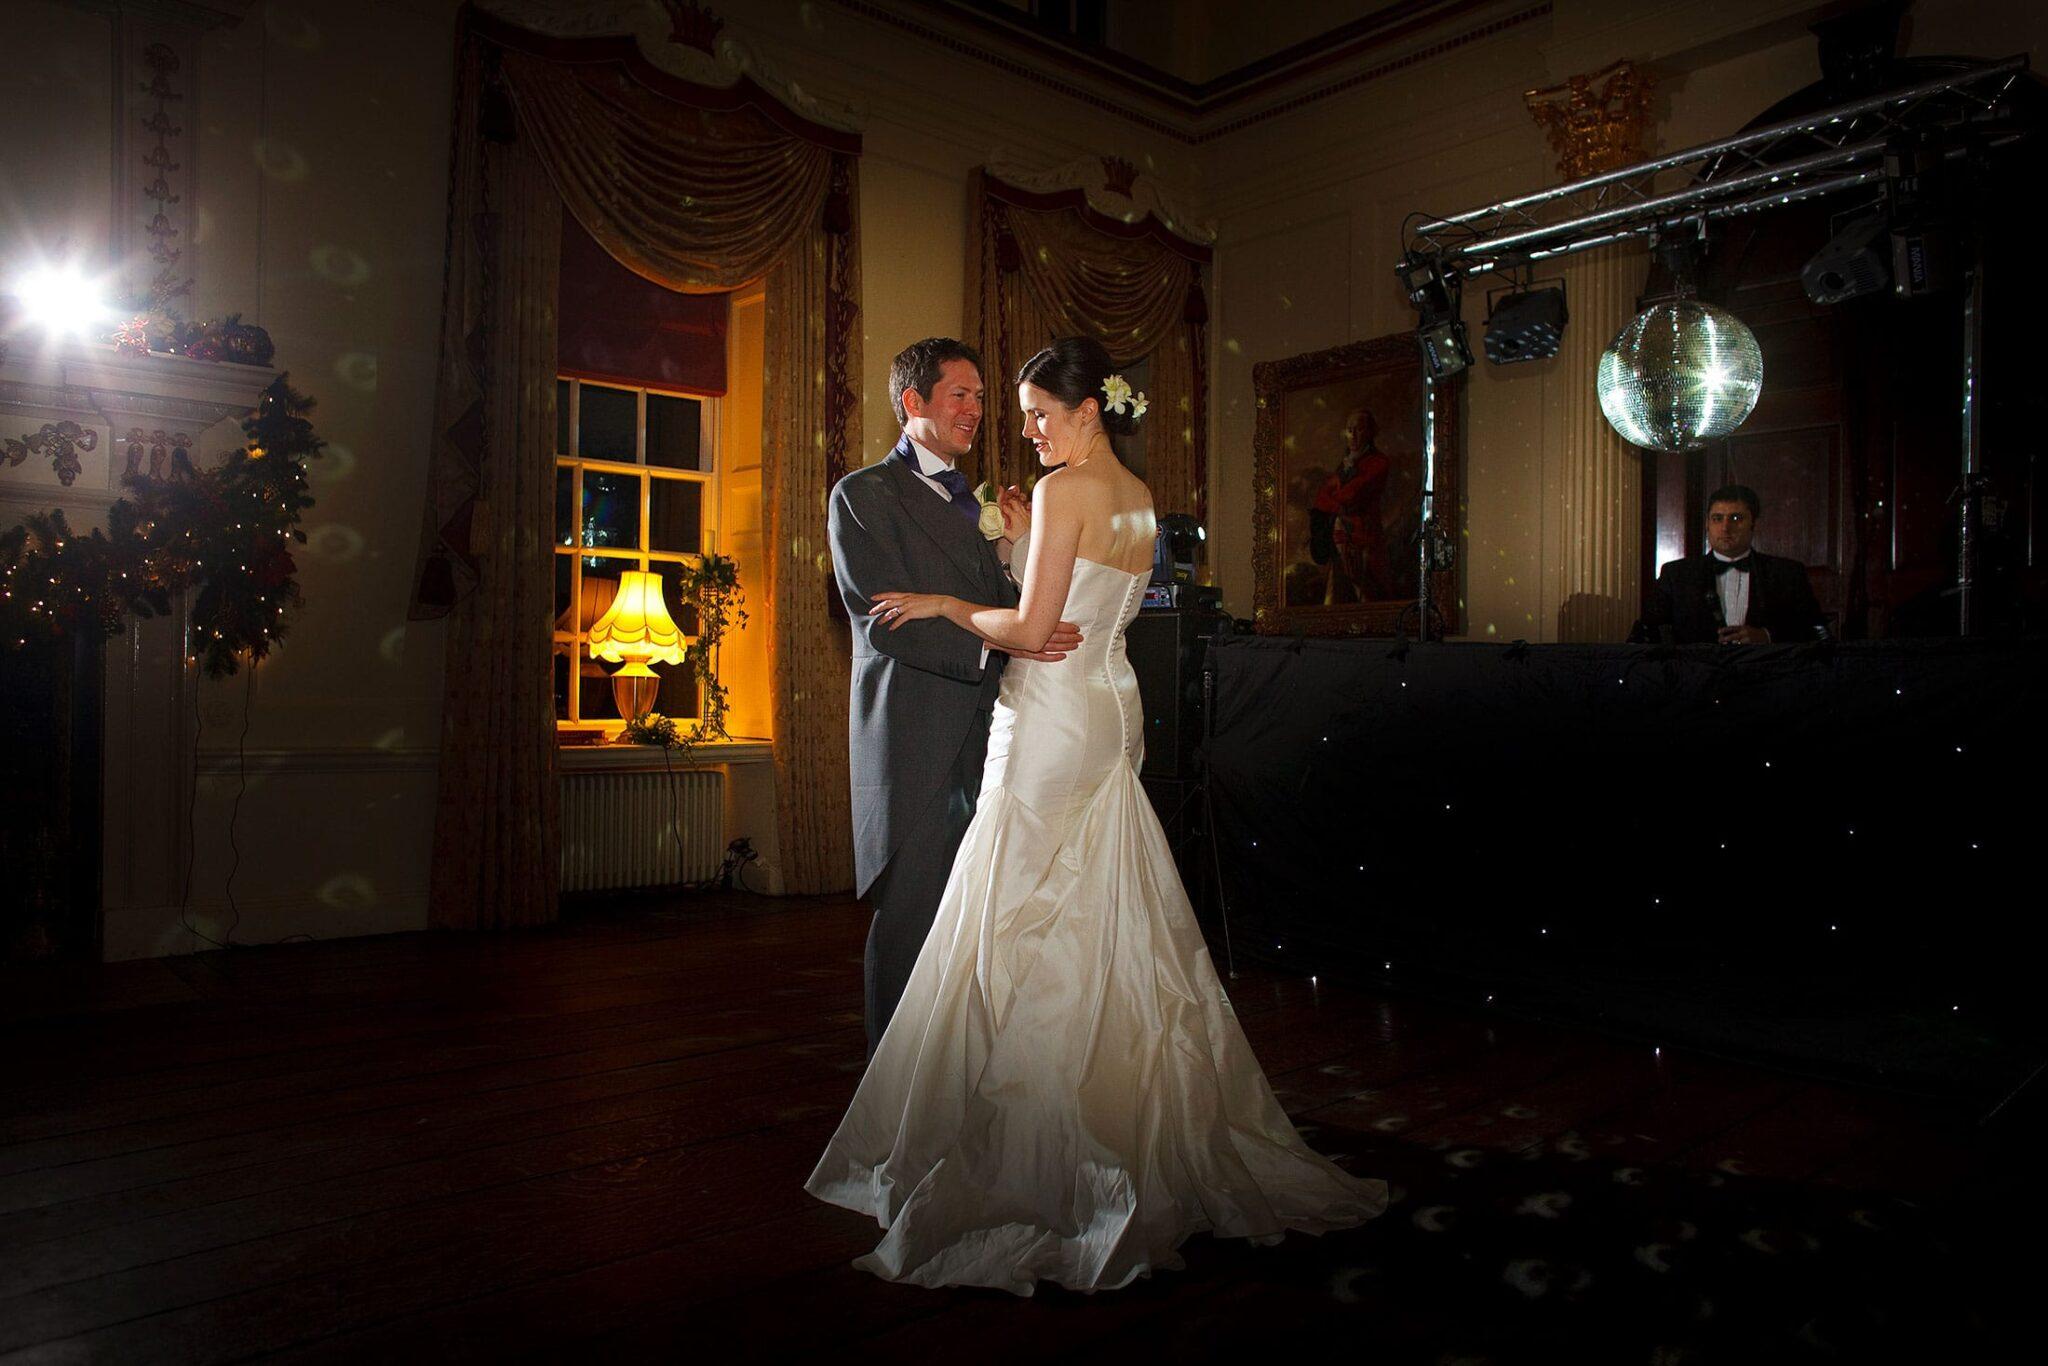 Hintlesham Hall wedding photographer